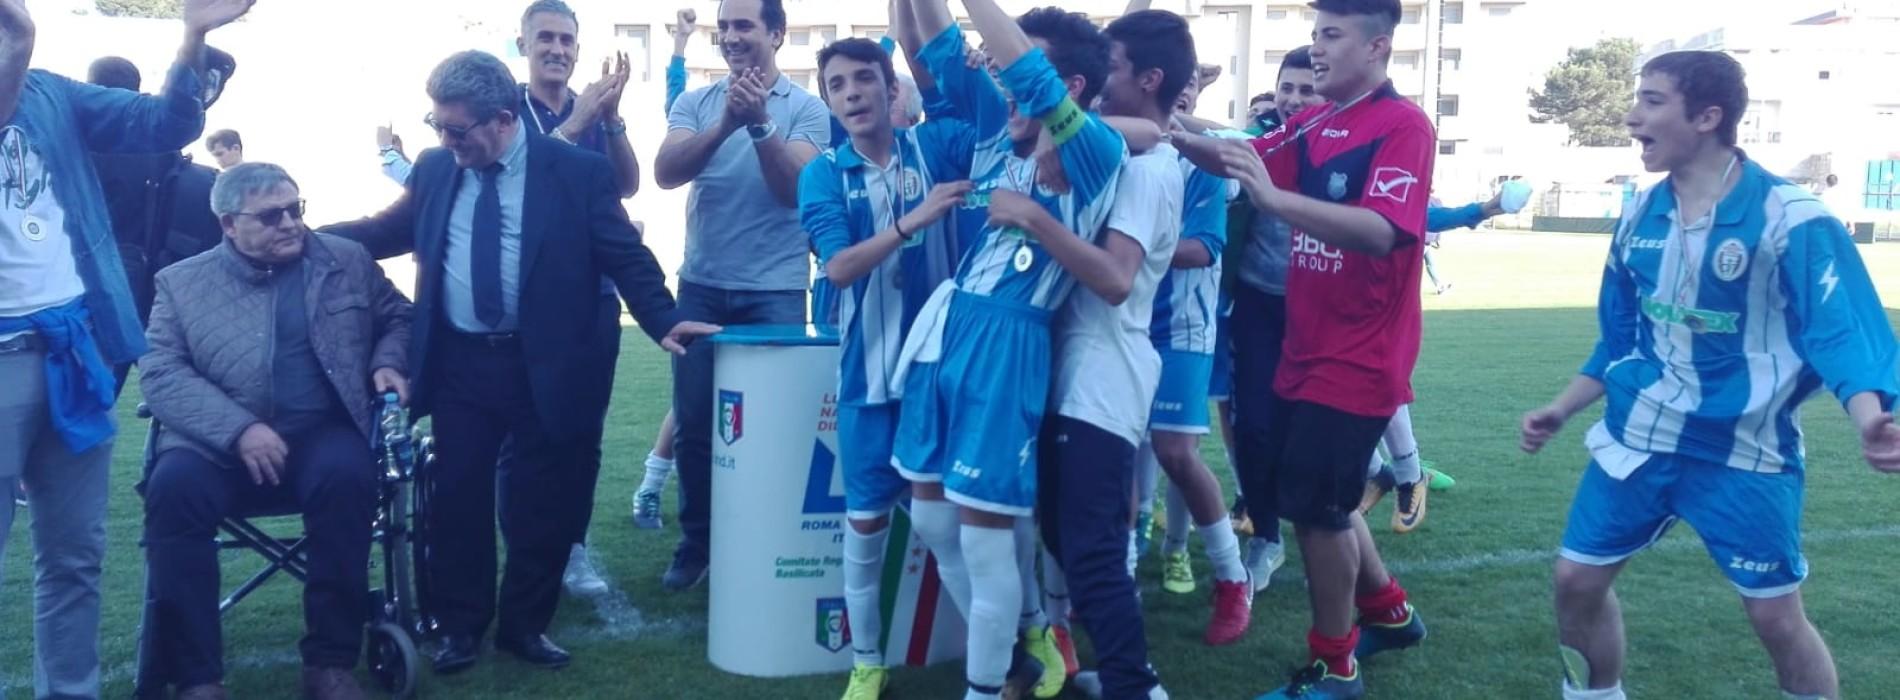 Coppe Provinciali Allievi e Giovanissimi Matera: vittorie per Ferrandina Calcio e Virtus 2014